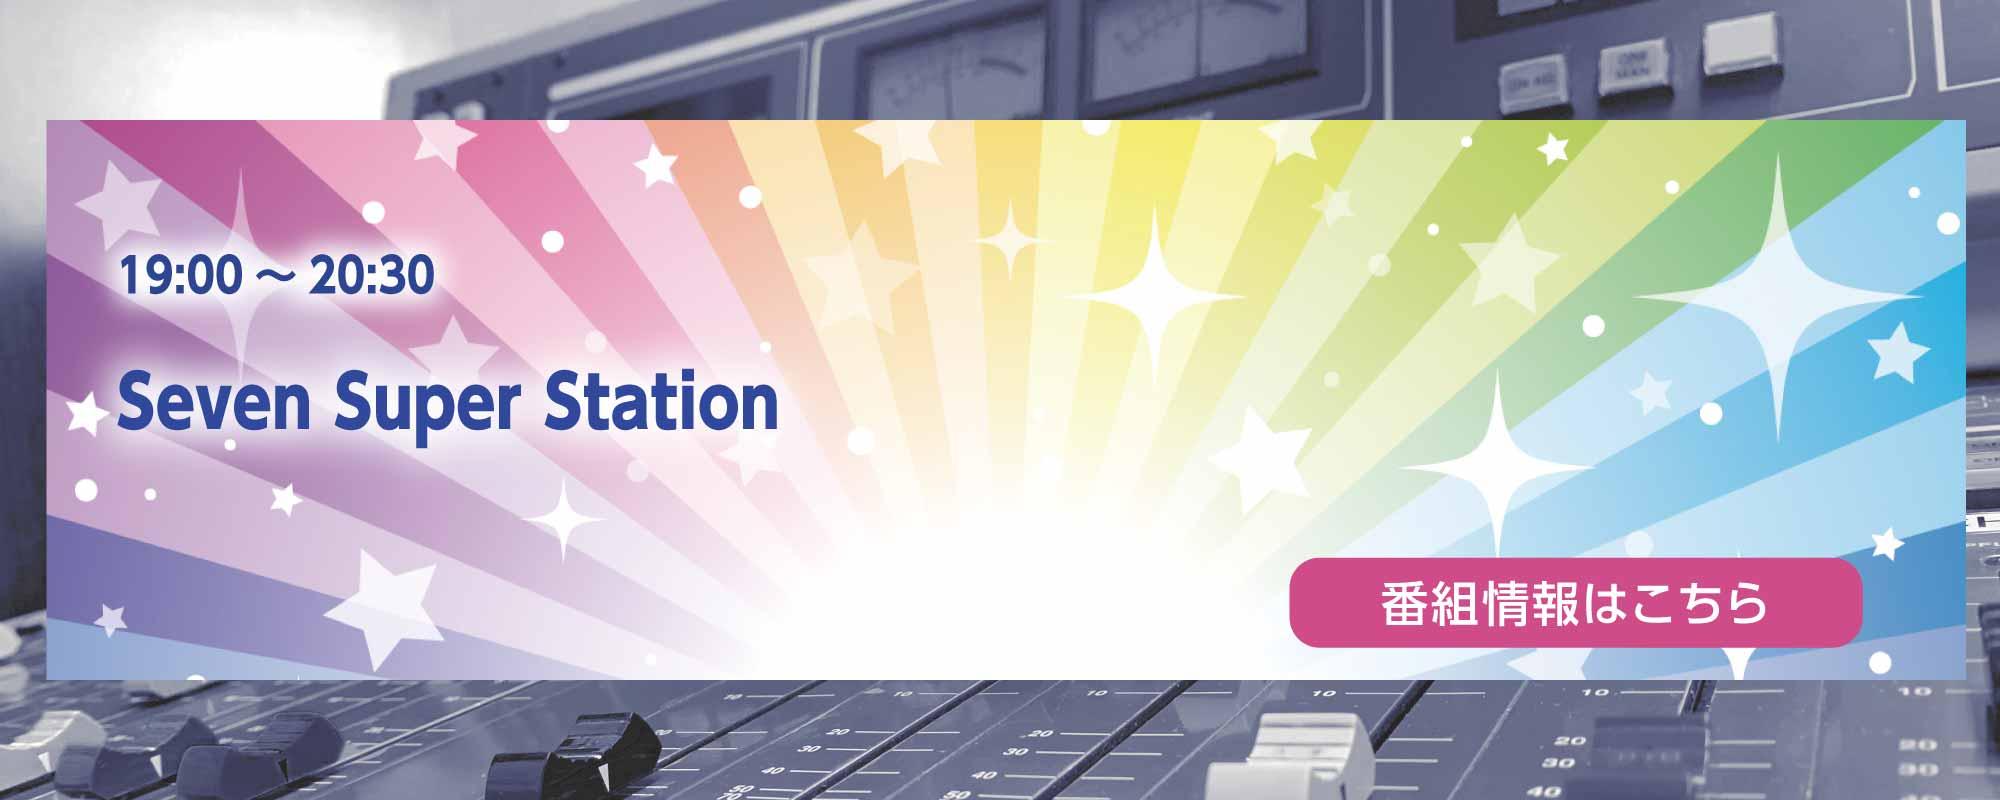 <第1,3,5週> Seven Super Station